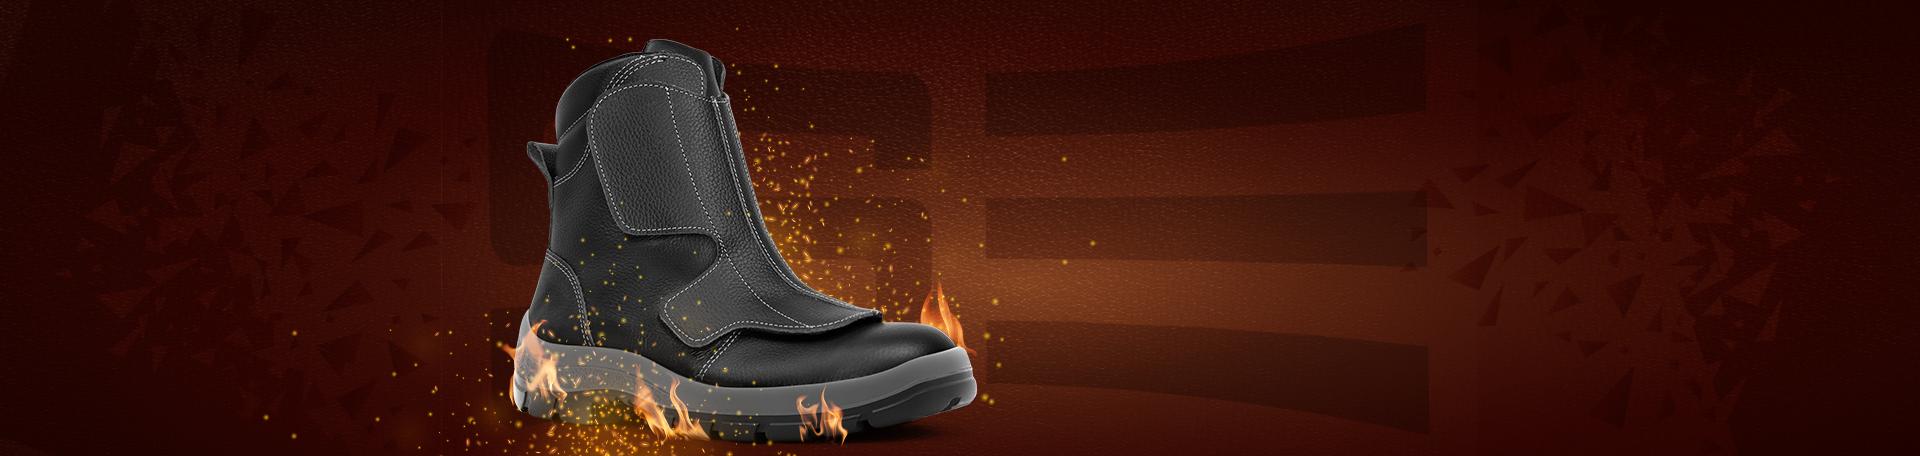 calzado de seguridad para altas temperaturas